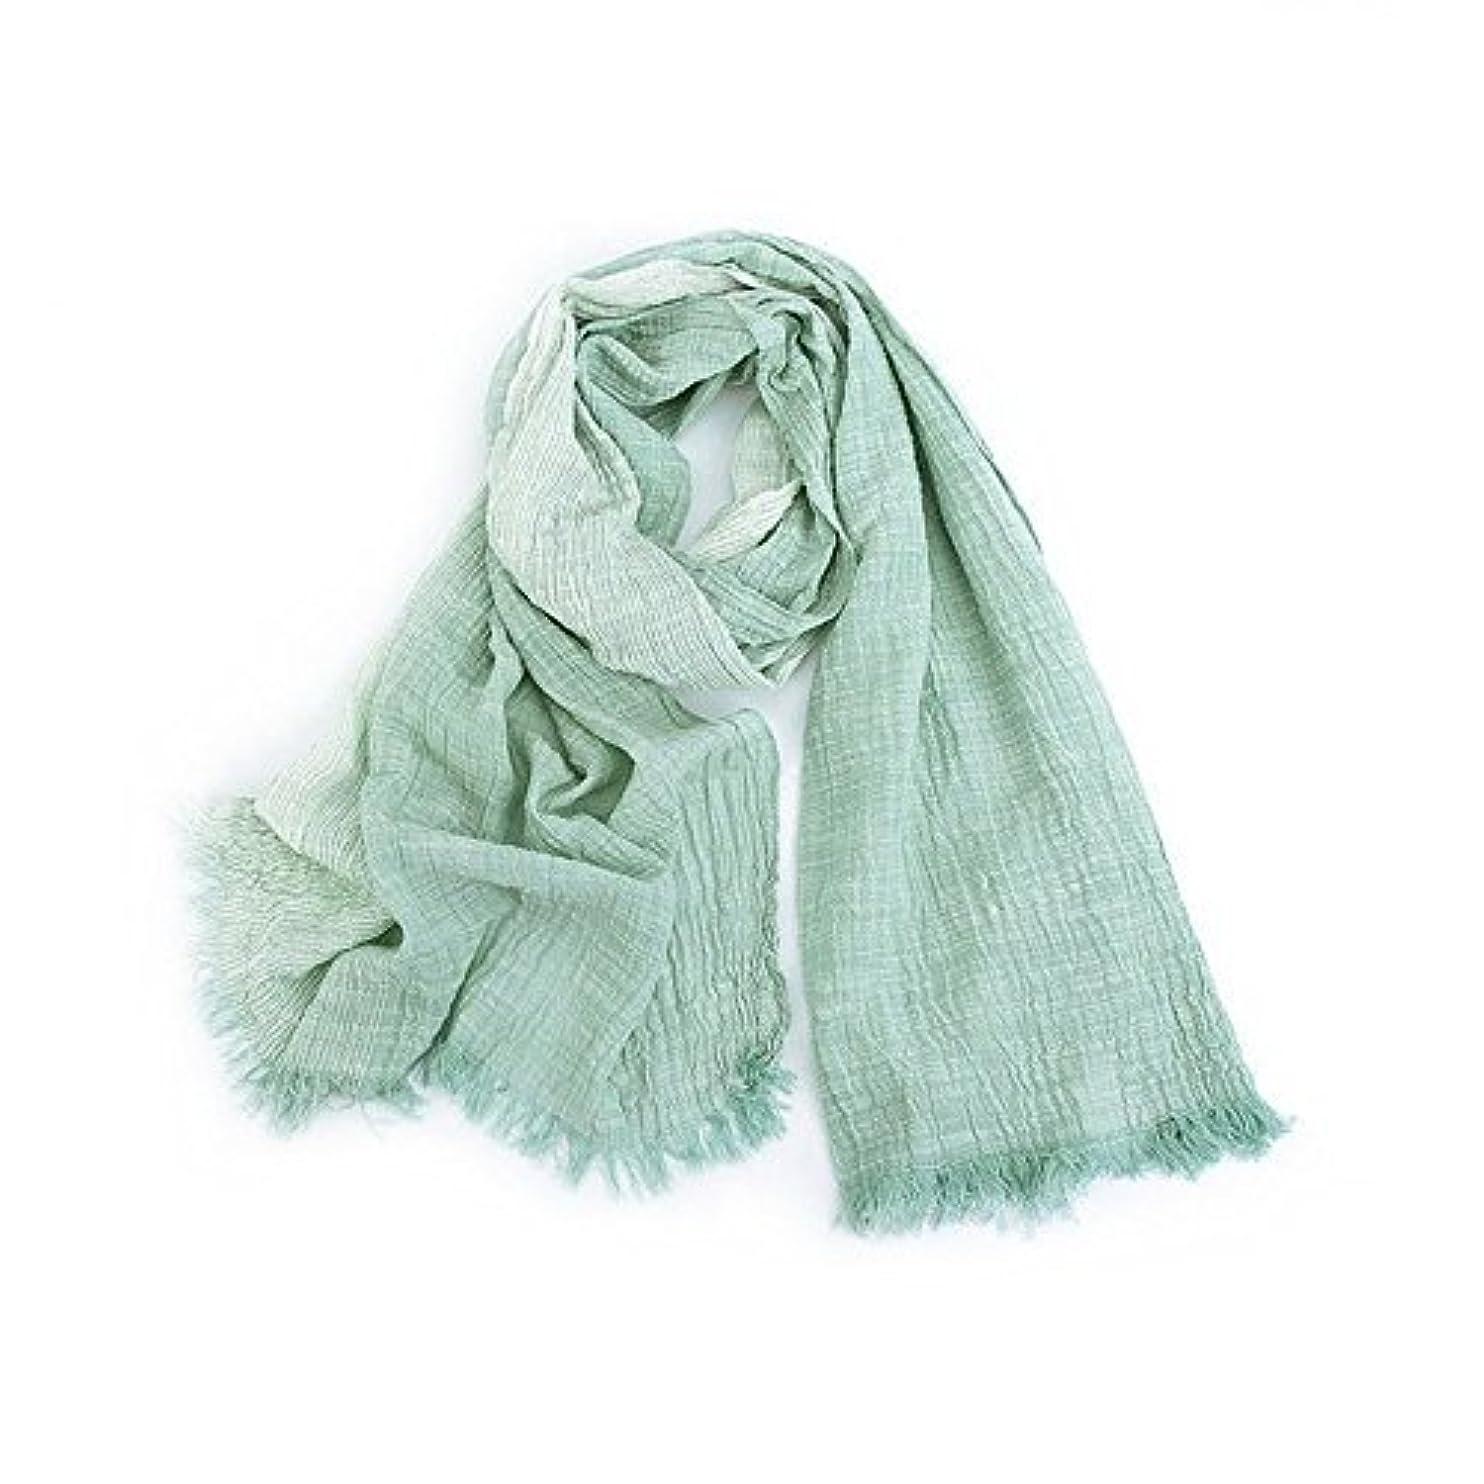 アート細分化する好奇心盛スカーフ ストール 大判 レデイース ガーゼ 綿100% UVカット&冷房対策 柔らかい 薄い